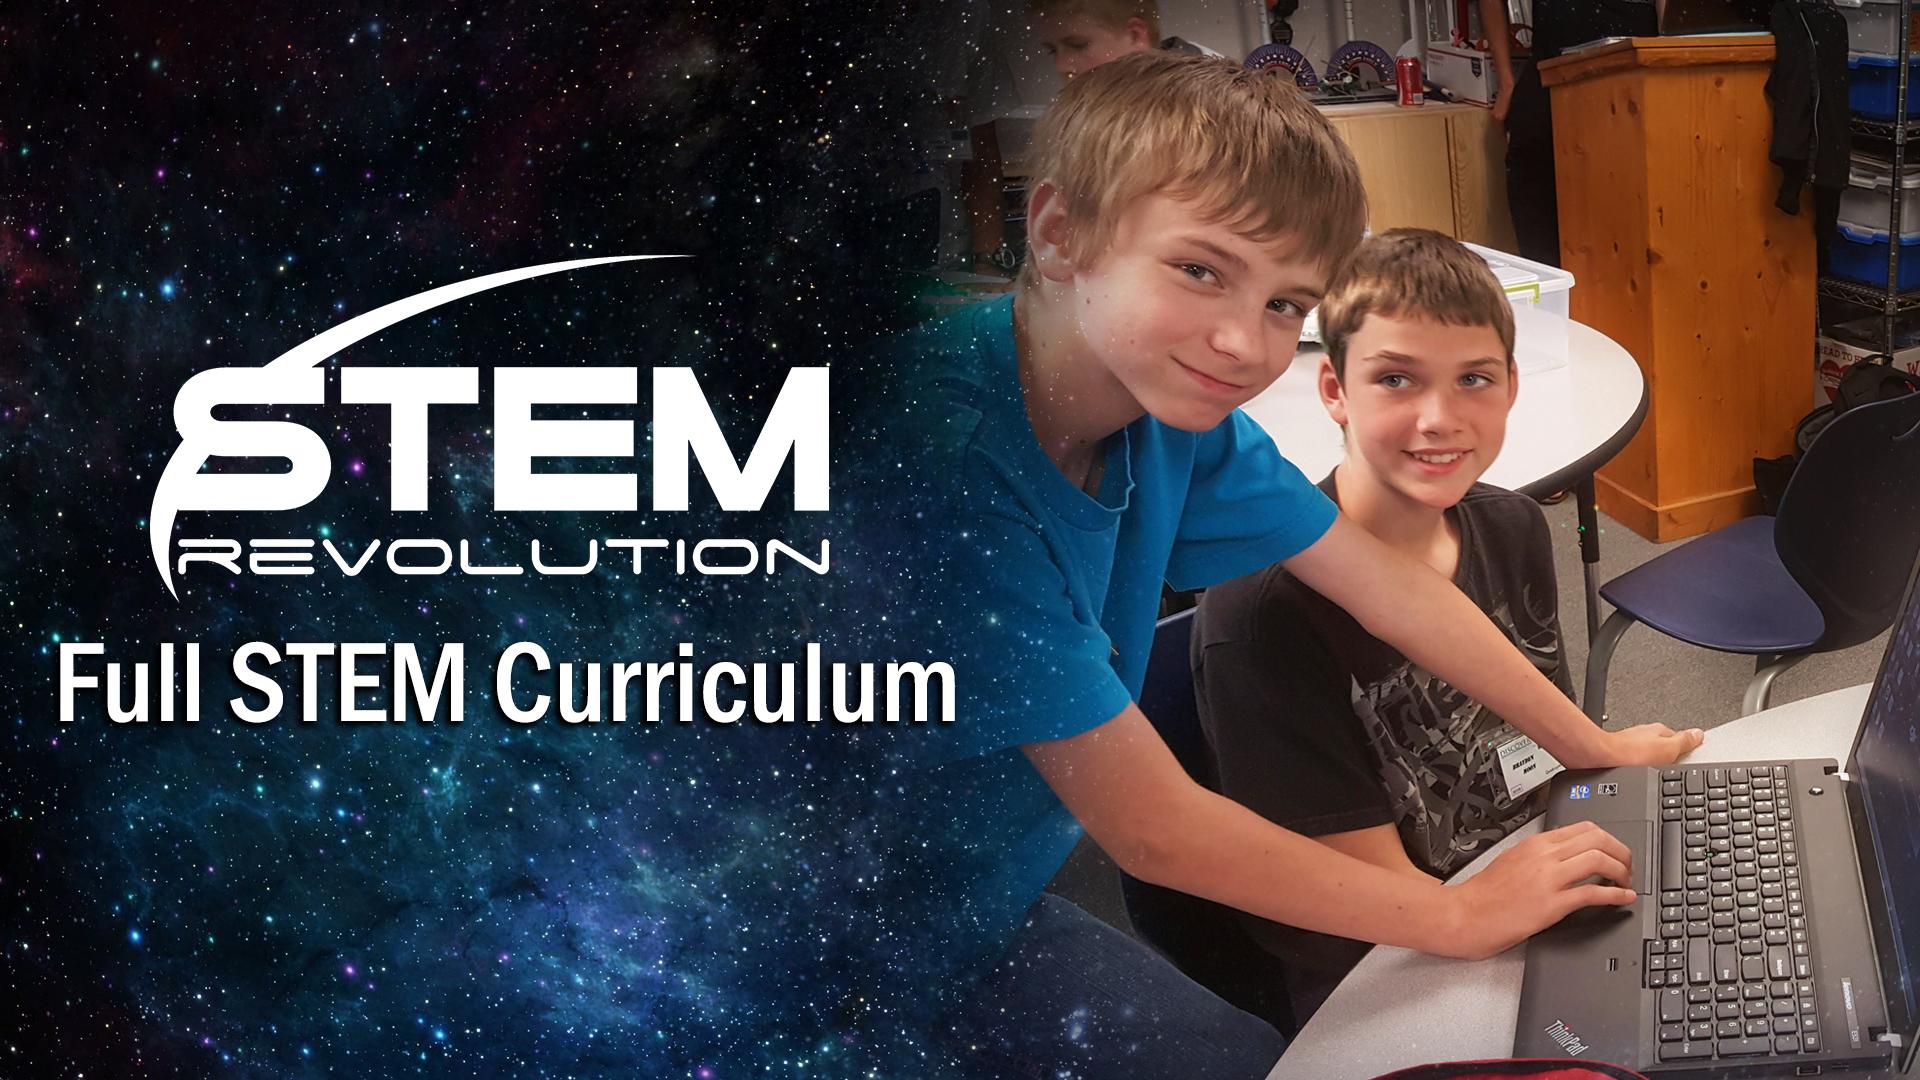 STEM Revolution - Full STEM Curriculum